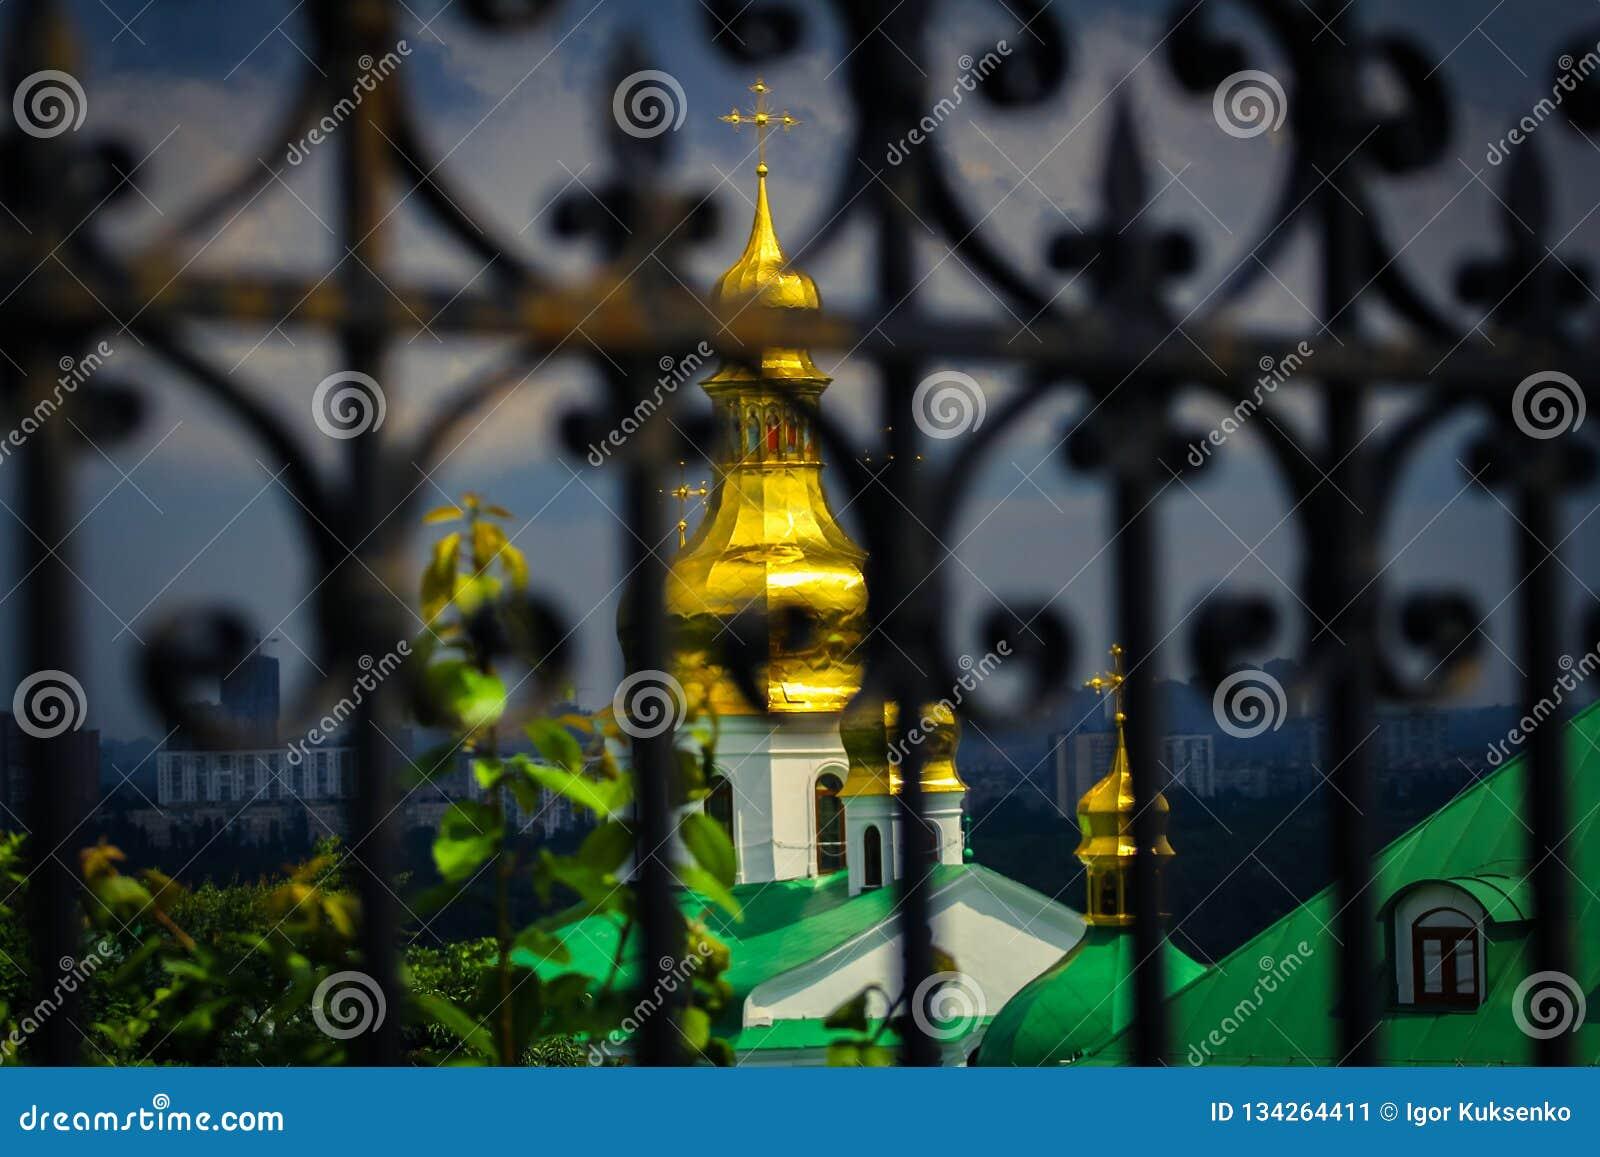 Bóvedas del monasterio masculino de oro azul hermoso de Svyato Mikhailovsky, iglesia ortodoxa ucraniana del patriarcado de Kiev